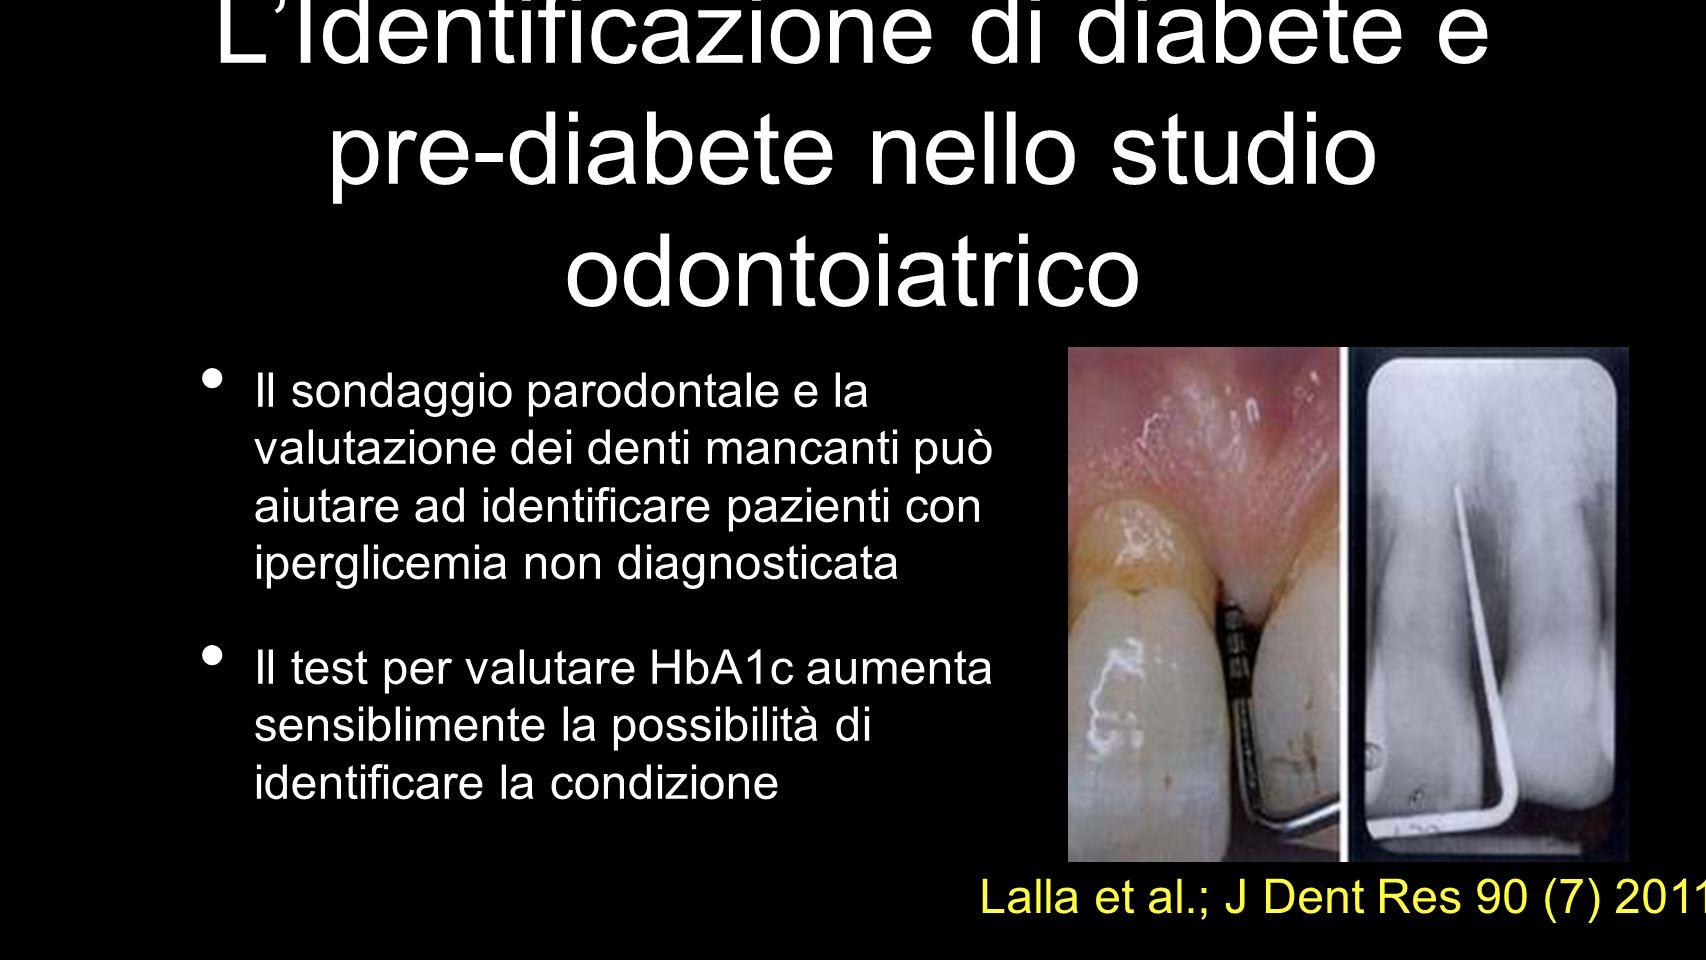 LIdentificazione di diabete e pre-diabete nello studio odontoiatrico Il sondaggio parodontale e la valutazione dei denti mancanti può aiutare ad identificare pazienti con iperglicemia non diagnosticata Il test per valutare HbA1c aumenta sensiblimente la possibilità di identificare la condizione Lalla et al.; J Dent Res 90 (7) 2011